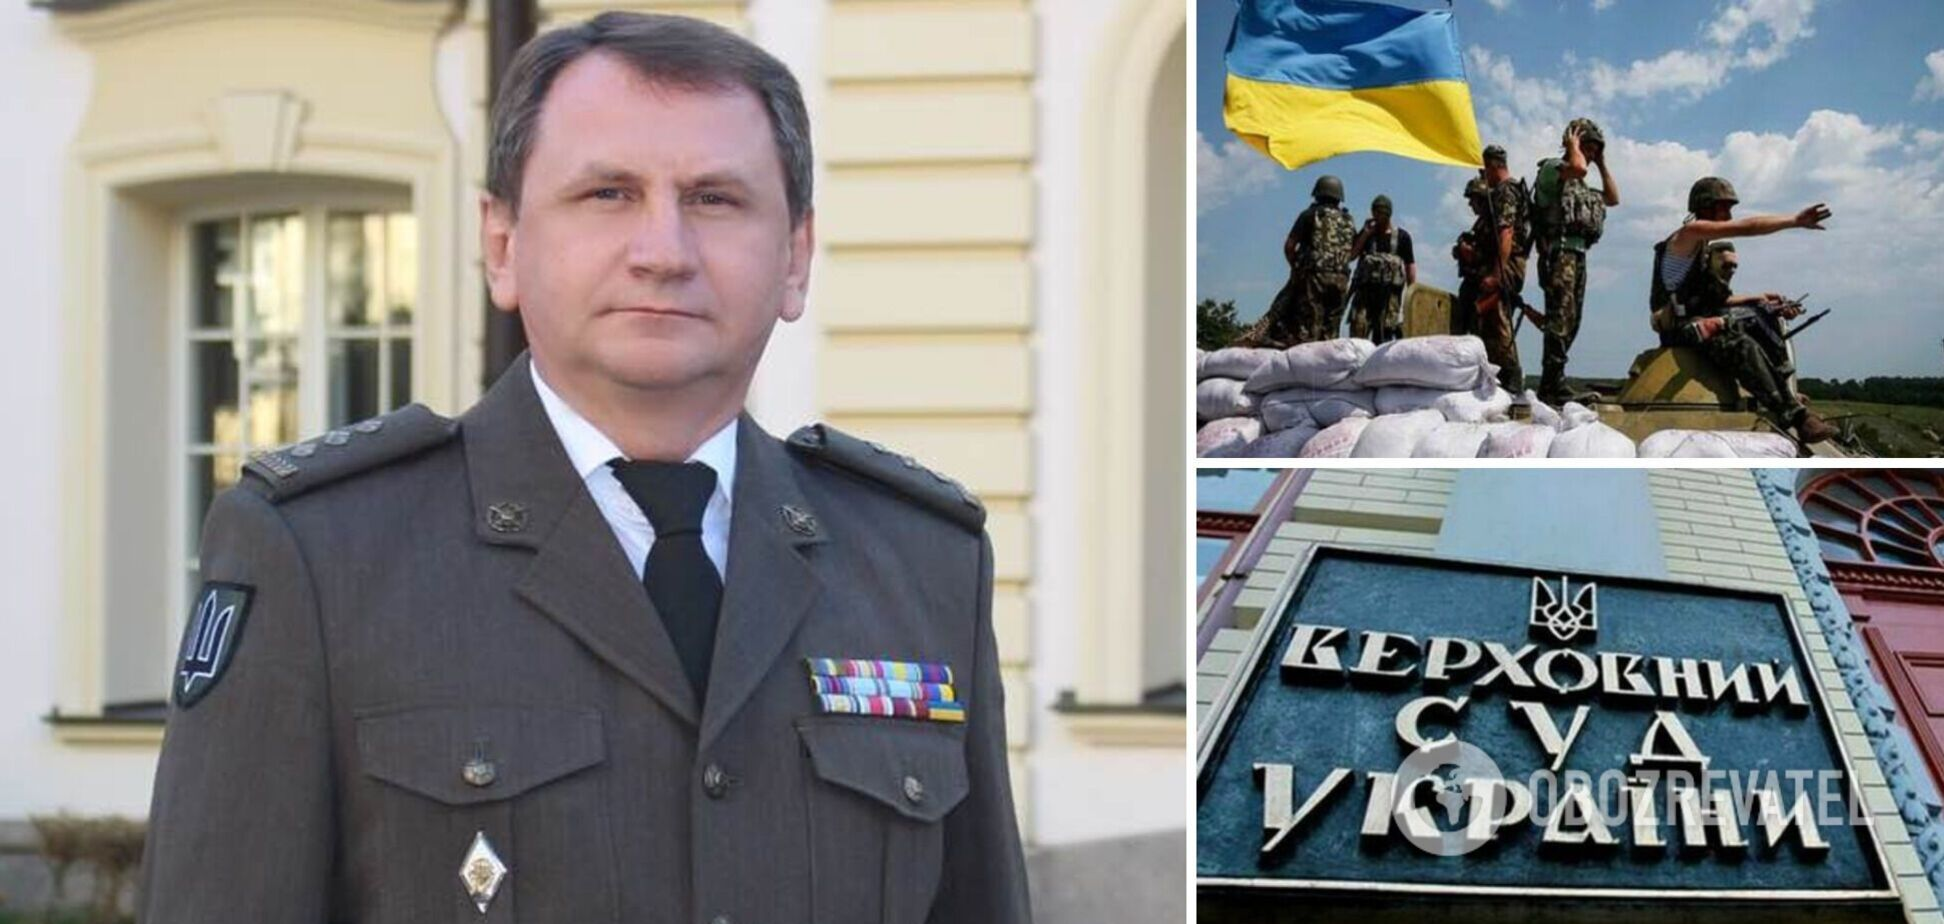 Судья Верховного суда Олег Ткачук: сейчас ветеранам войны обязан отвечать даже президент